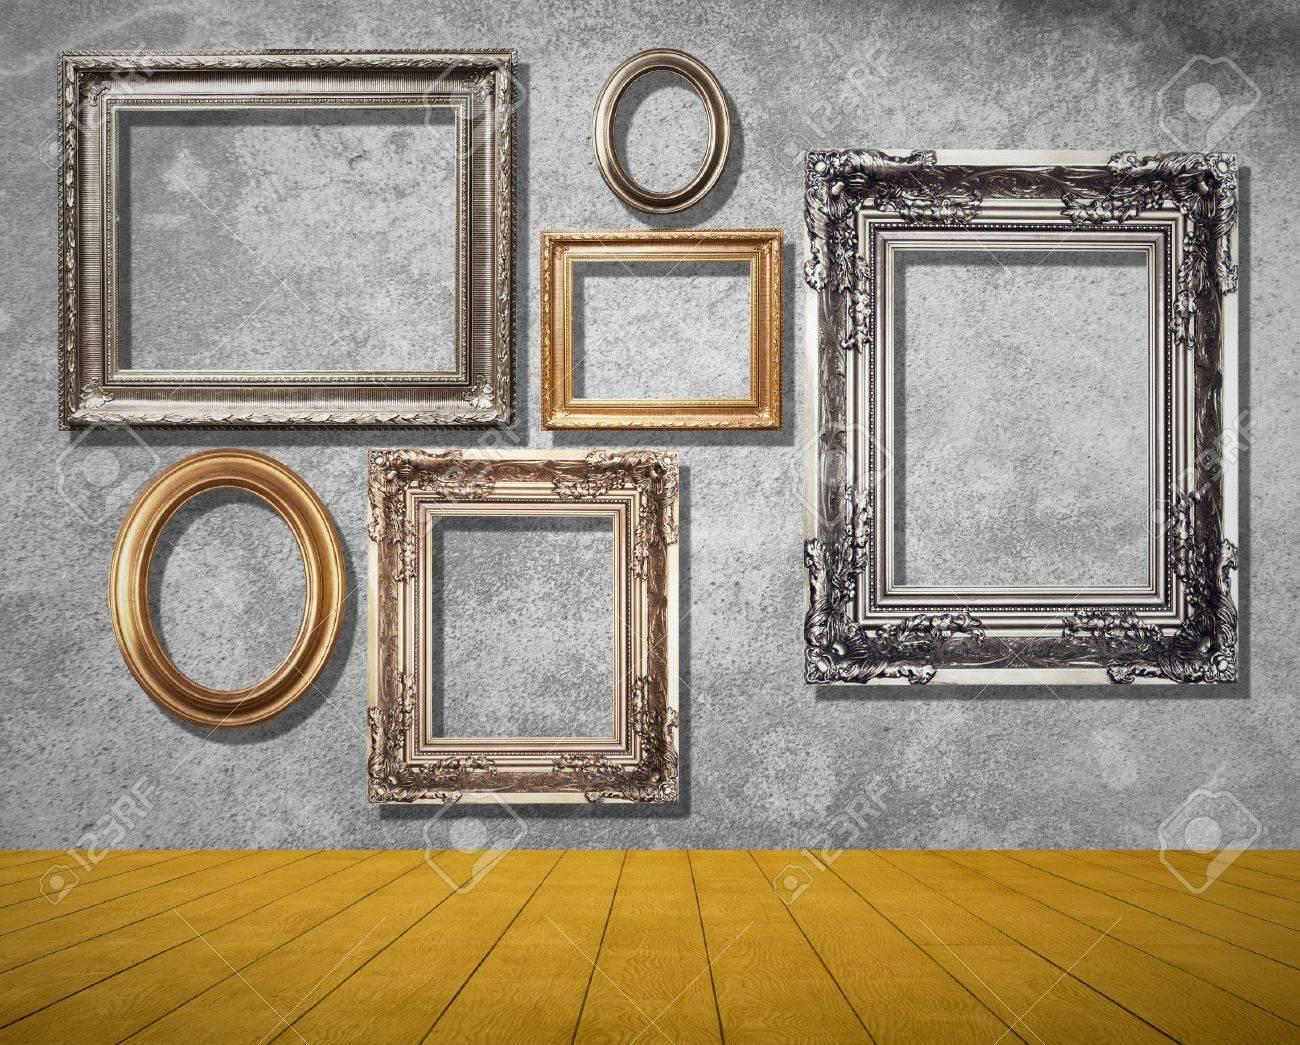 Frames auf grung Wand im Zimmer. Standard-Bild - 20144002